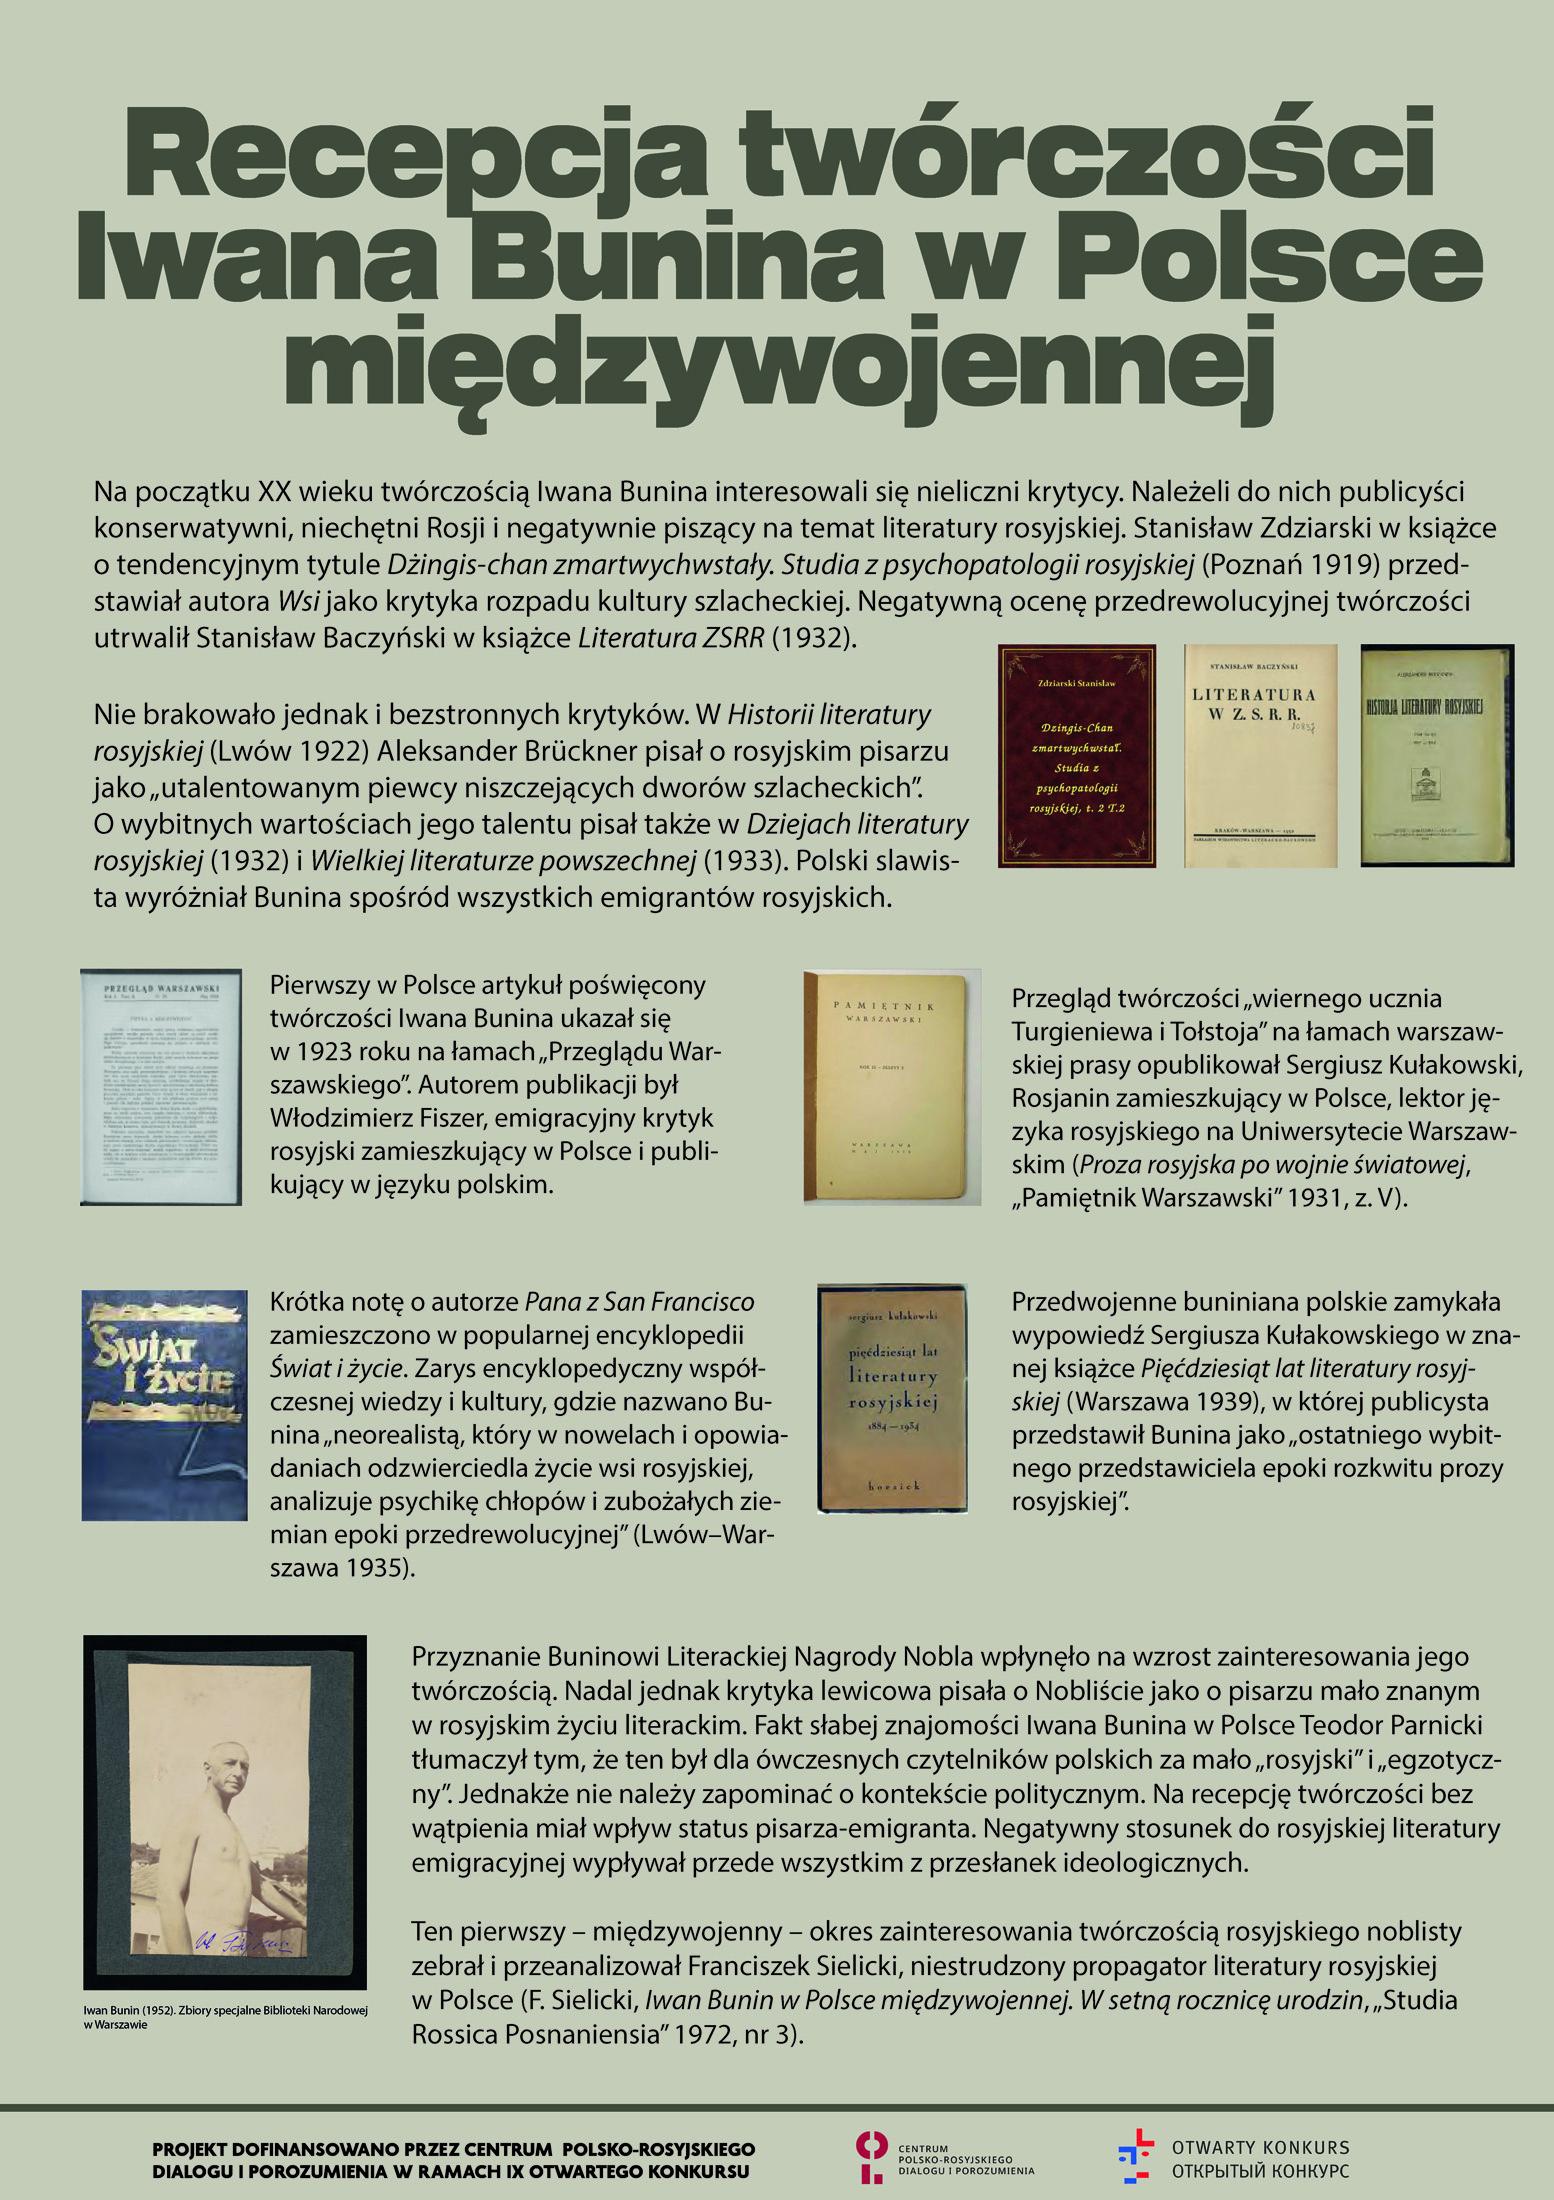 Ivan Bunin strona 14